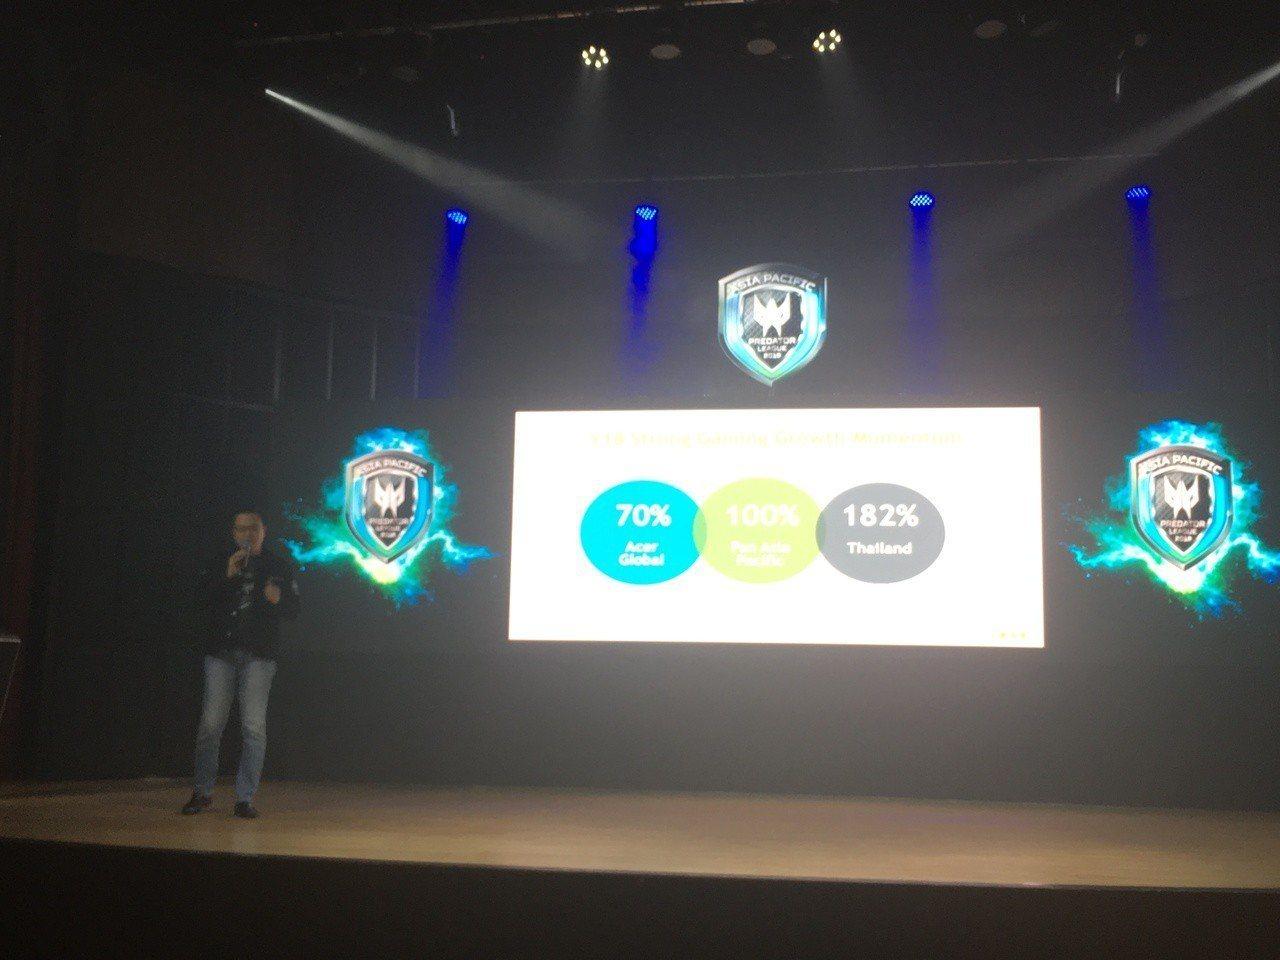 宏碁亞太區2019 Predator 電競聯盟大賽(APAC Predator ...